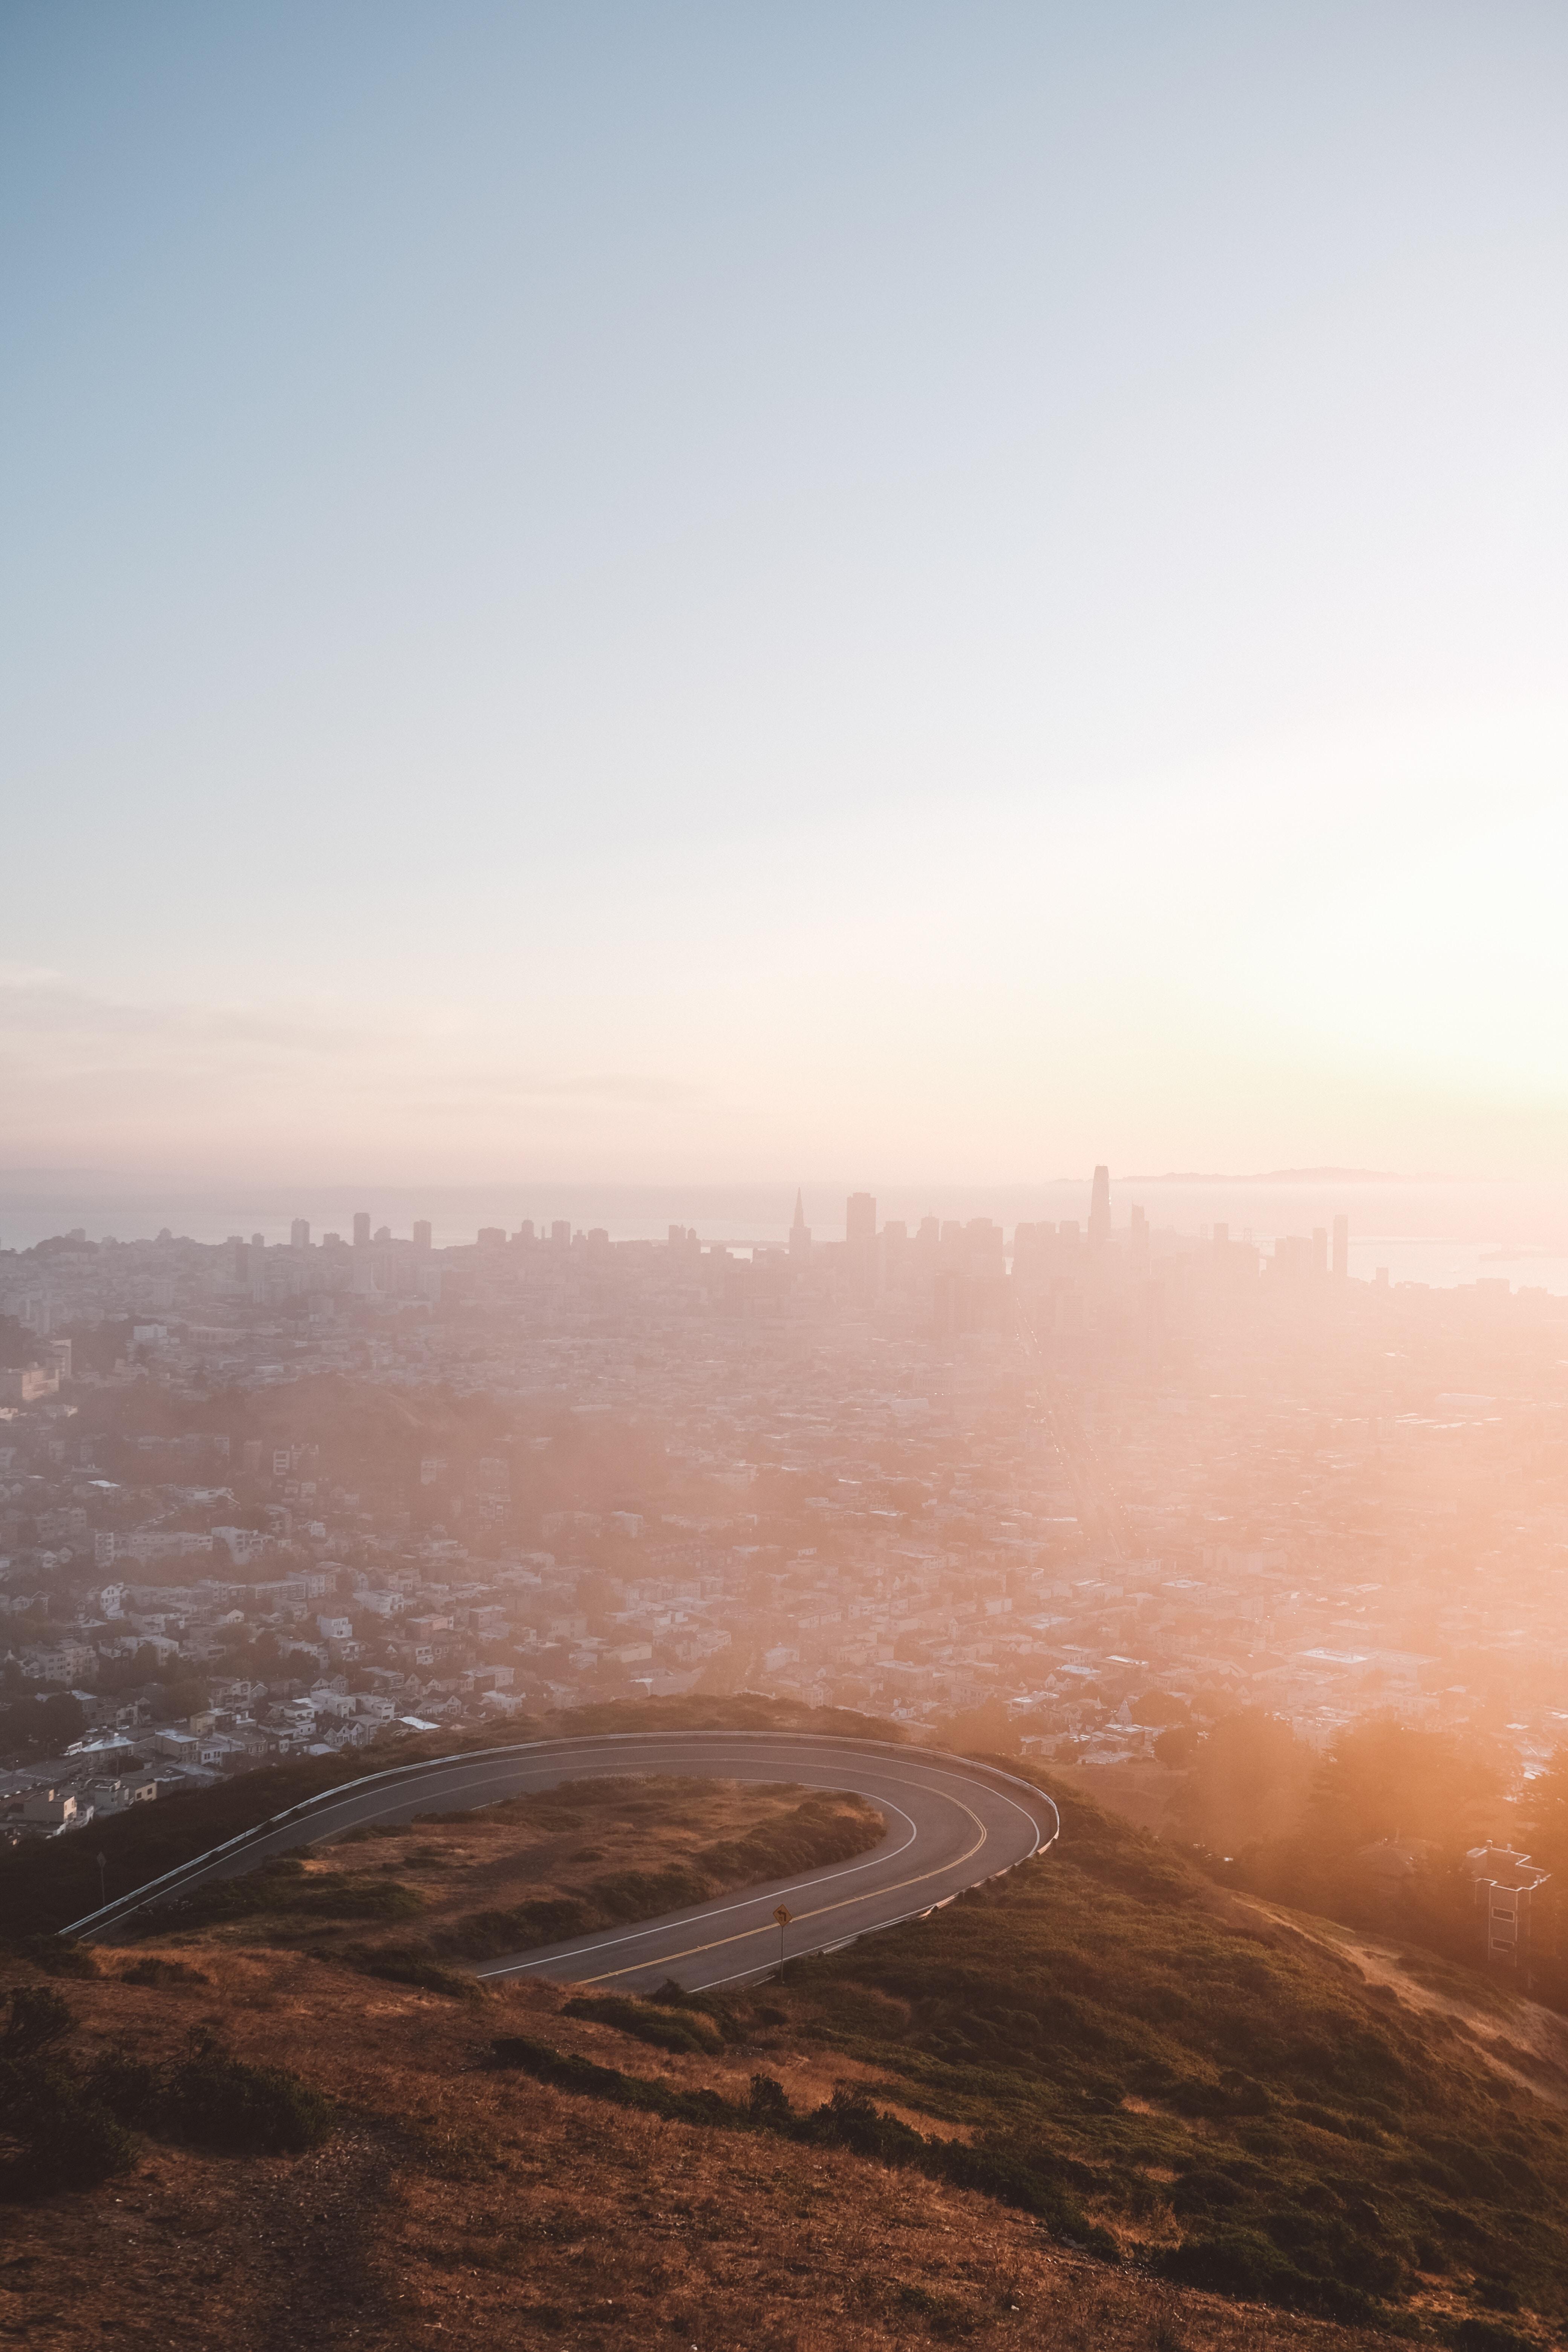 83303壁紙のダウンロード市, 都市, 霧, 上から見る, 夜明け, 都市景観, 都市 景観-スクリーンセーバーと写真を無料で